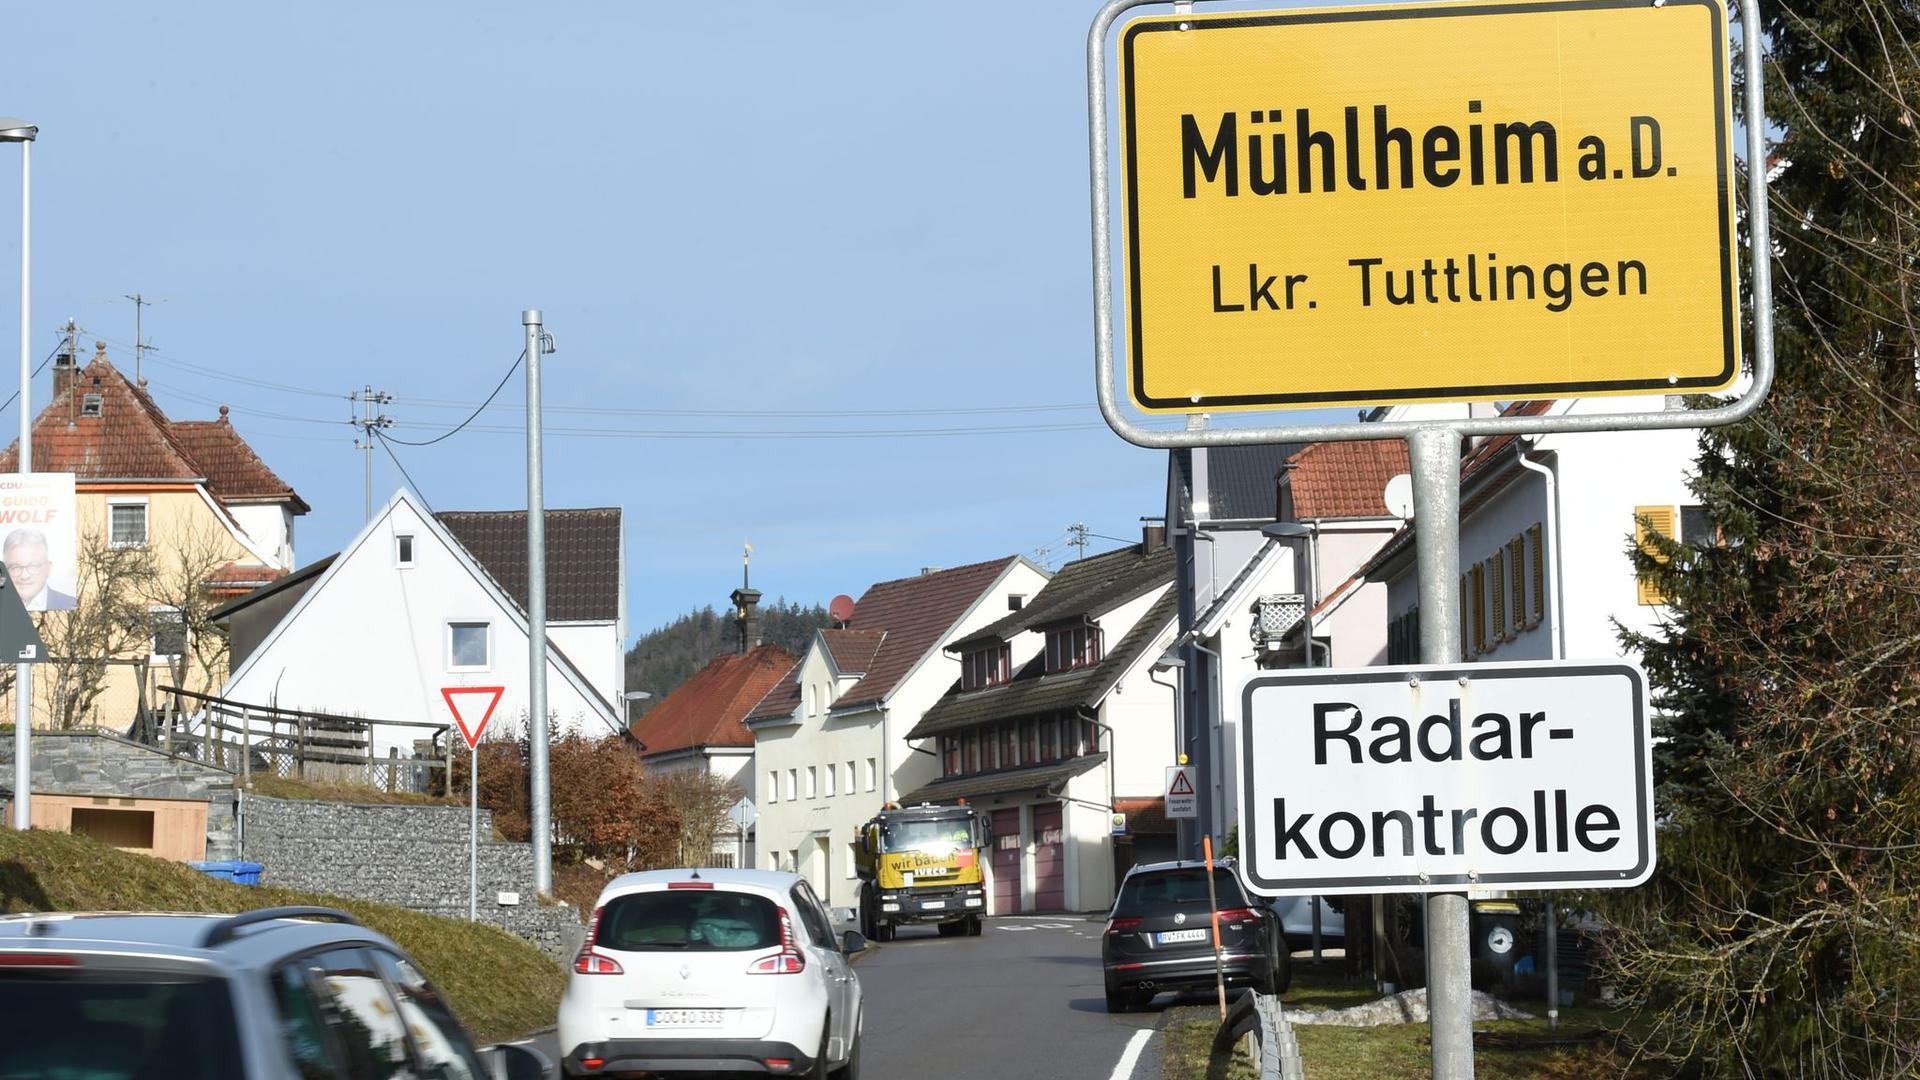 Mehrere Autos fahren am Ortsschild der Stadt Mühlheim an der Donau vorbei.